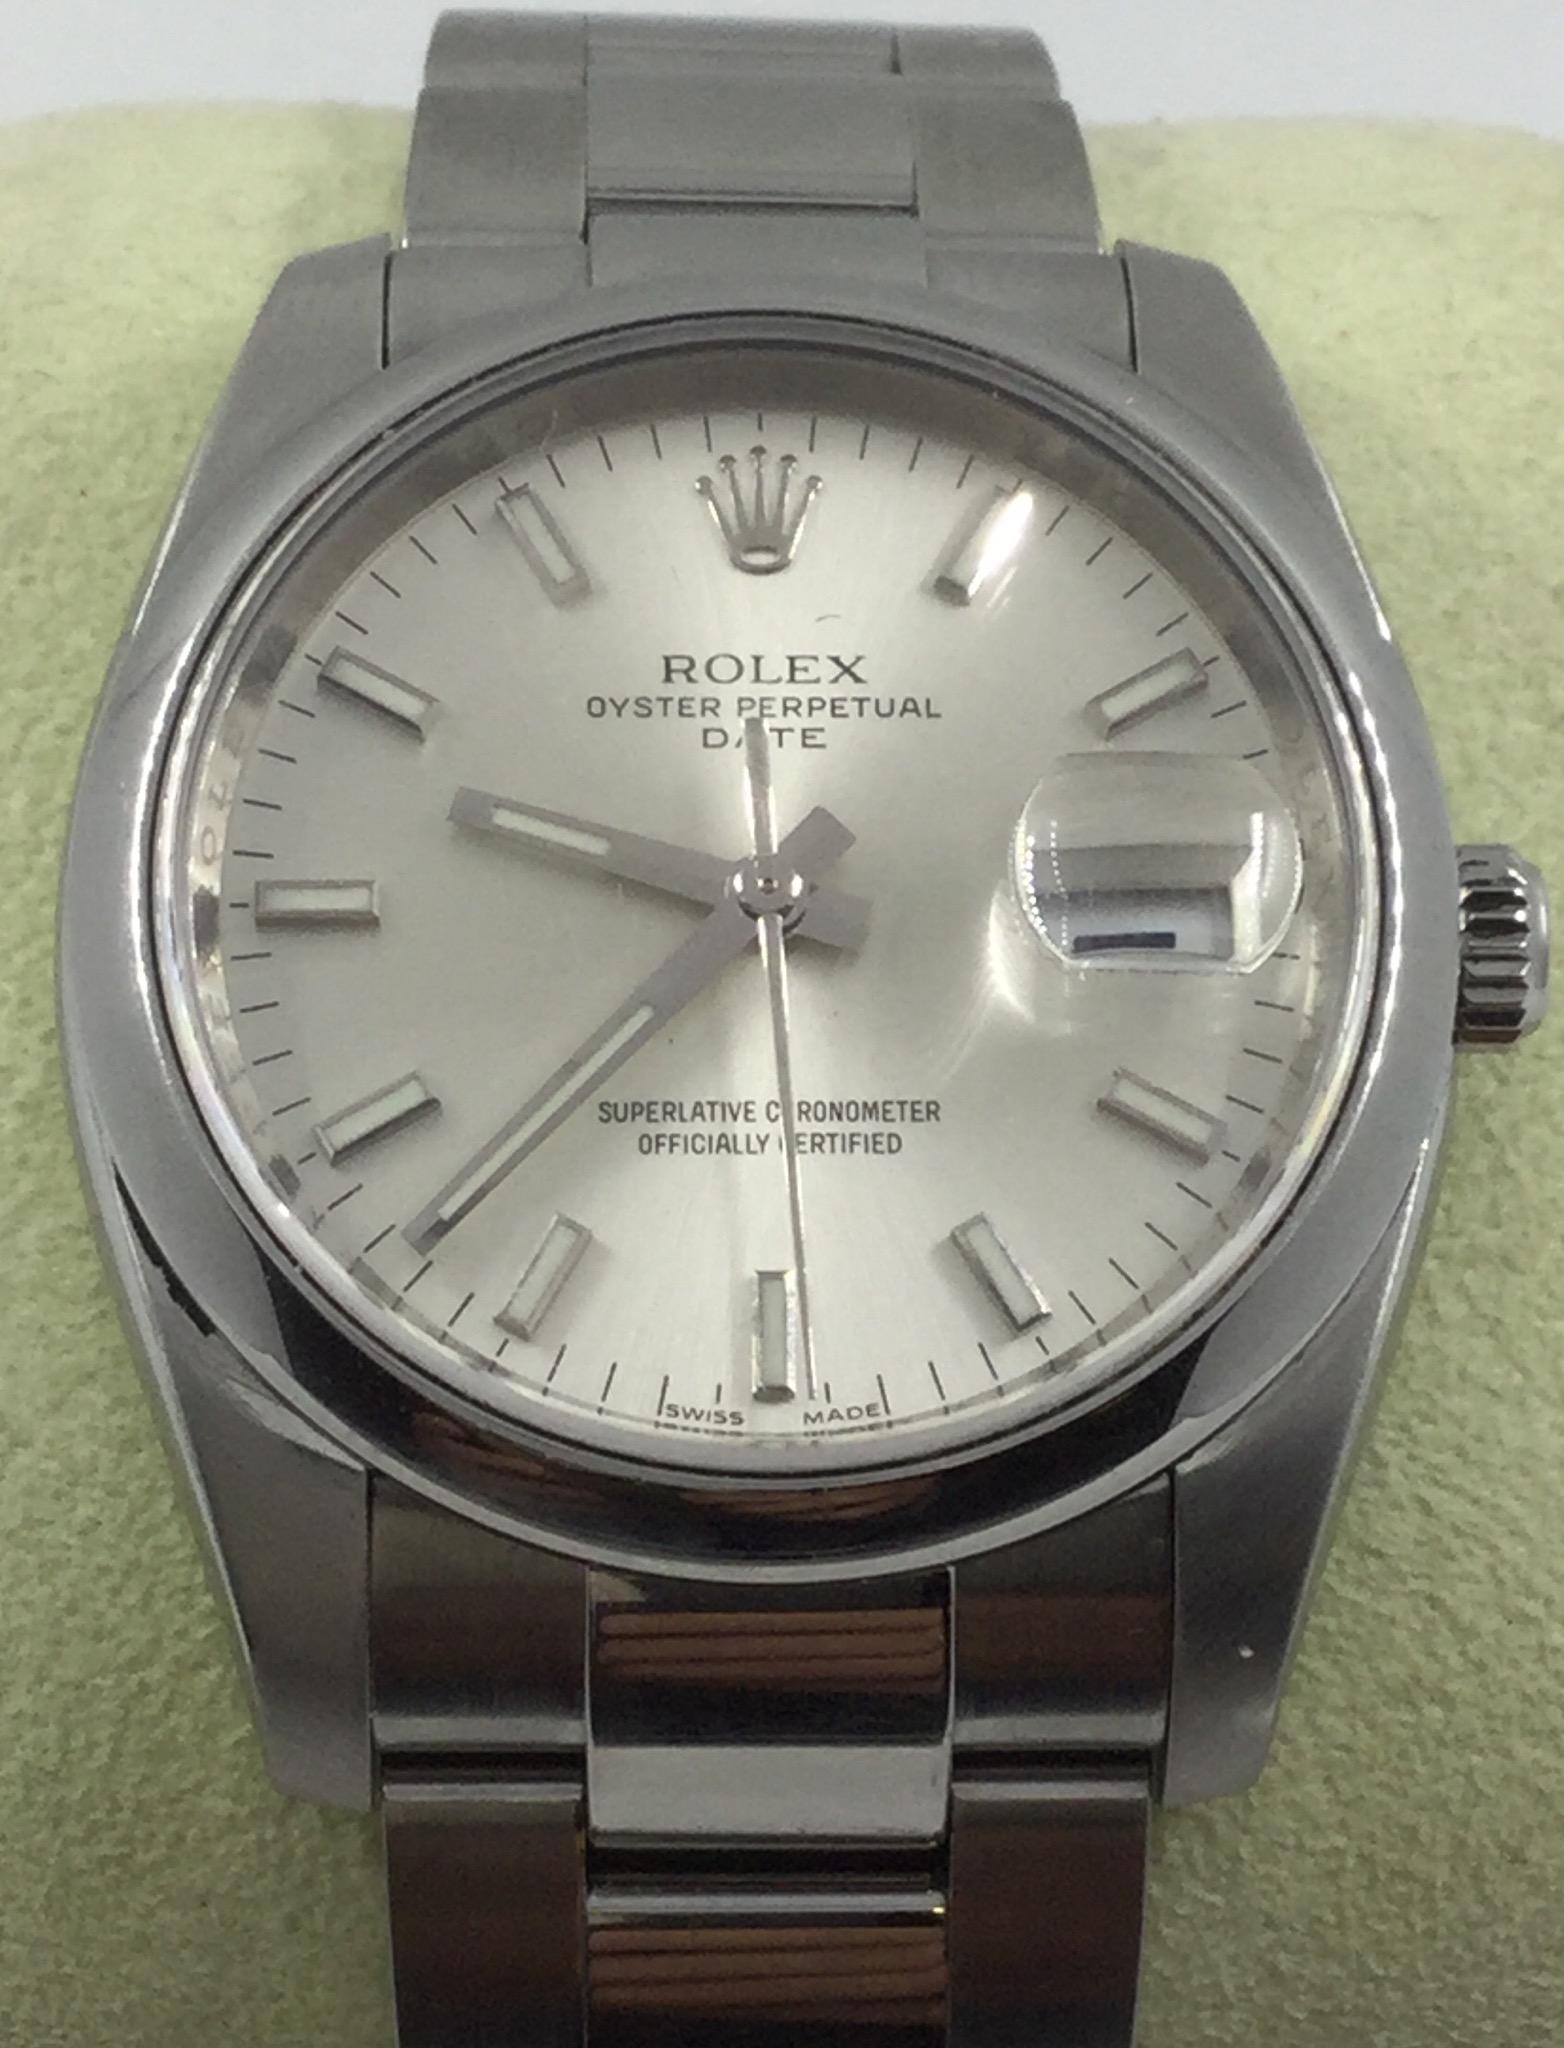 6b9fe8d4655e1 Rolex Oyster Perpetual Date